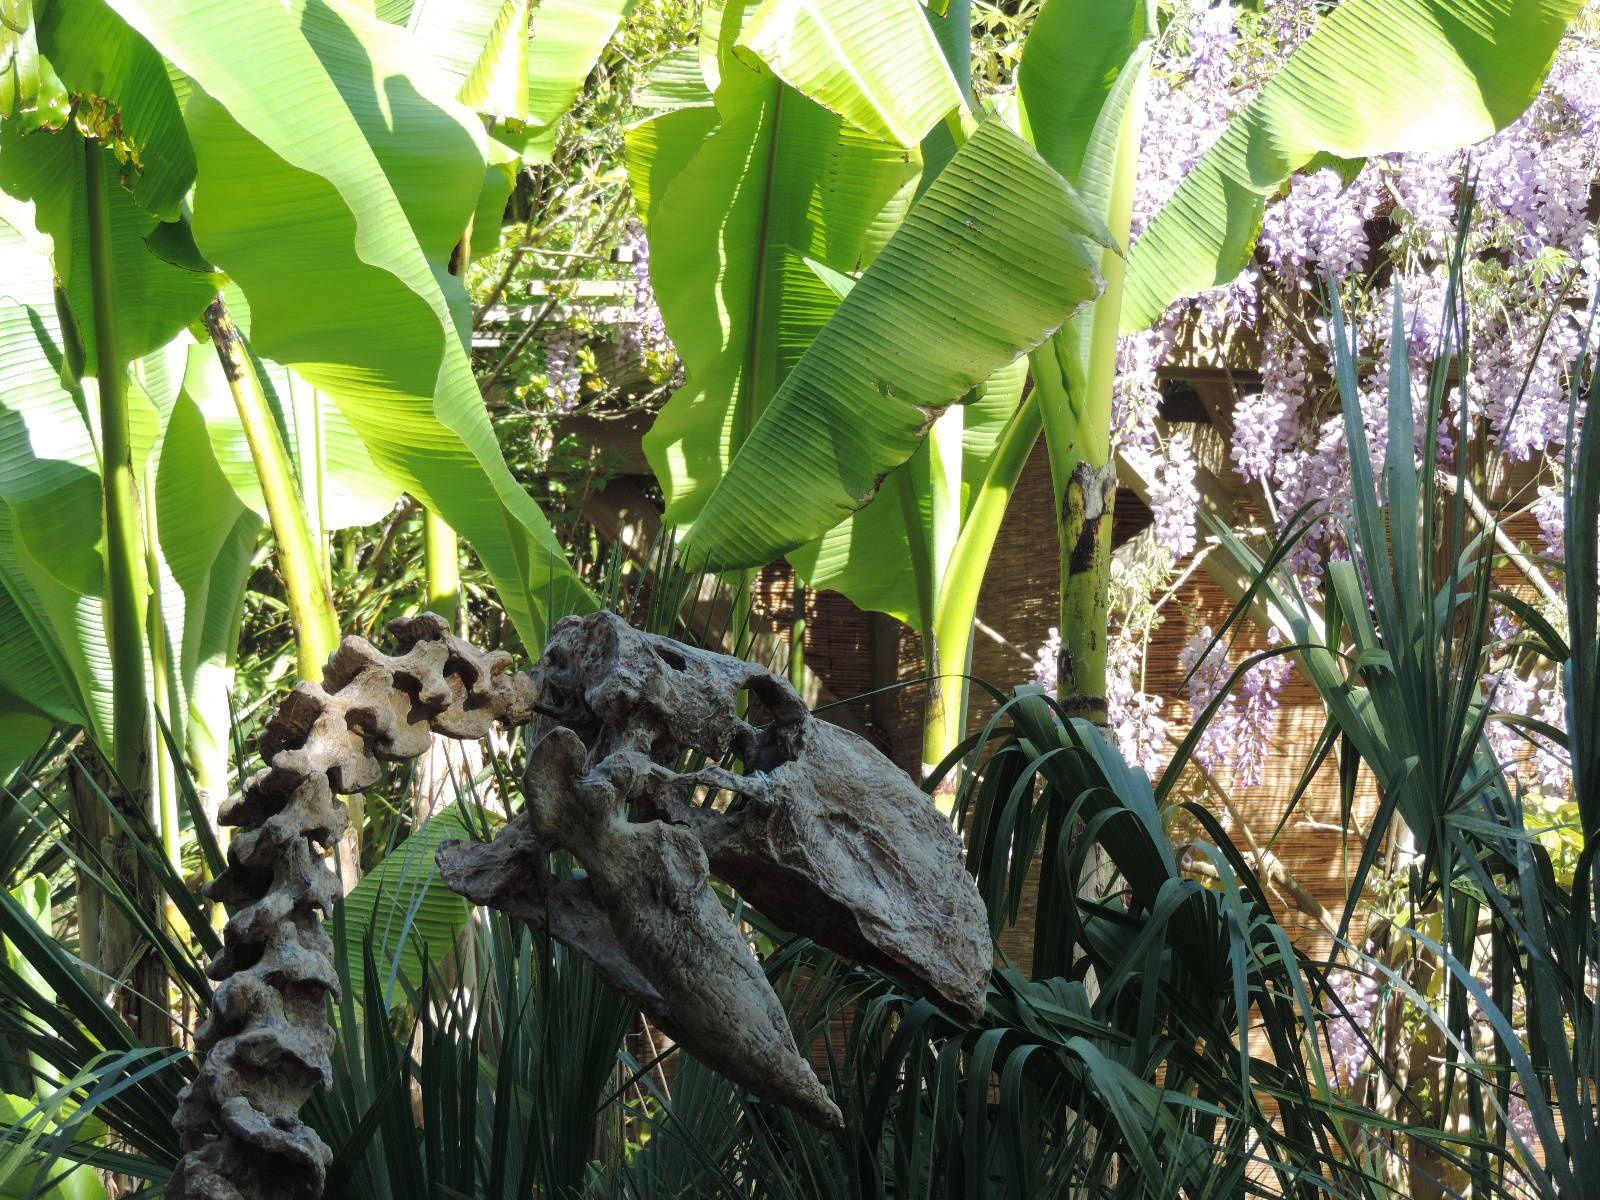 Quelques modèles et l'enclos des Utahraptor. Quand ils ont bien mangé, ils sont beaucoup plus dociles. Sinon .... ne restez pas dans les parages !